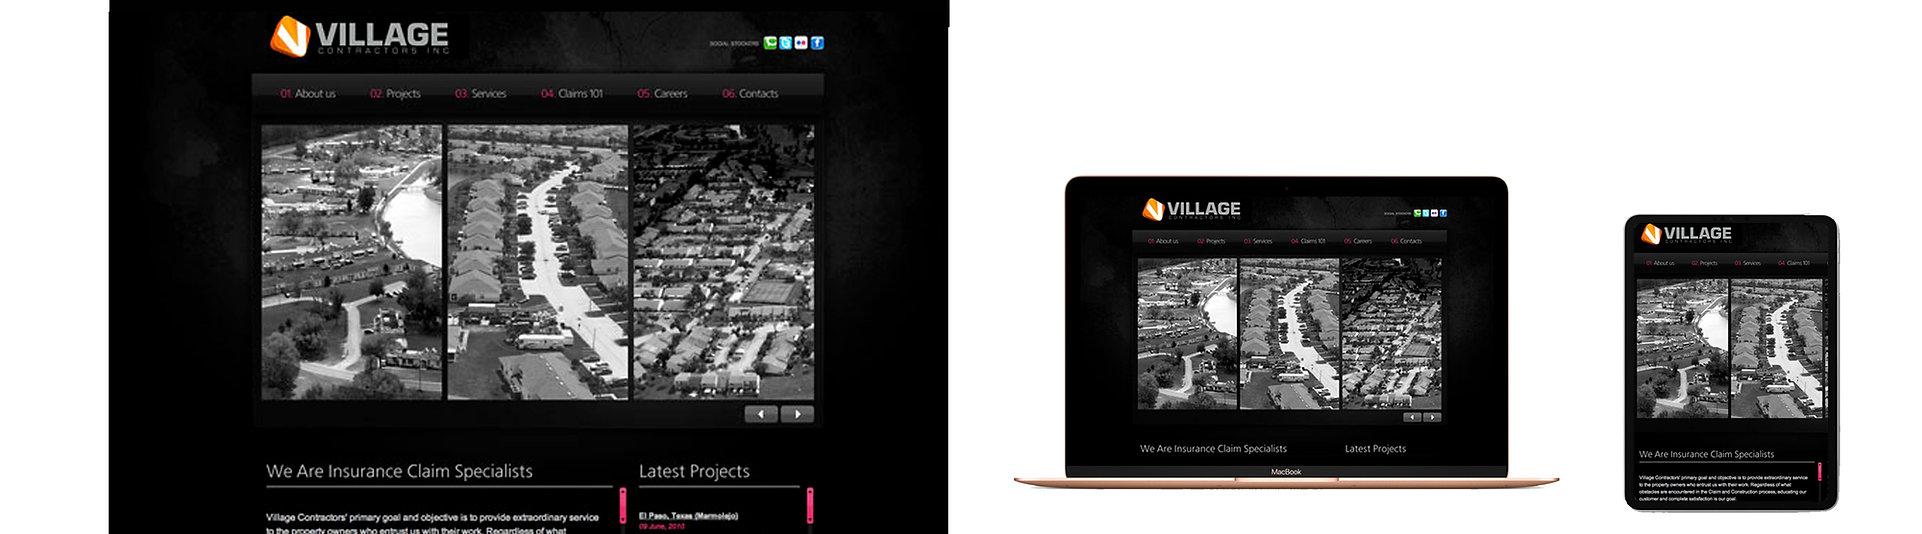 Websites_Stories_Village Contractors.jpg